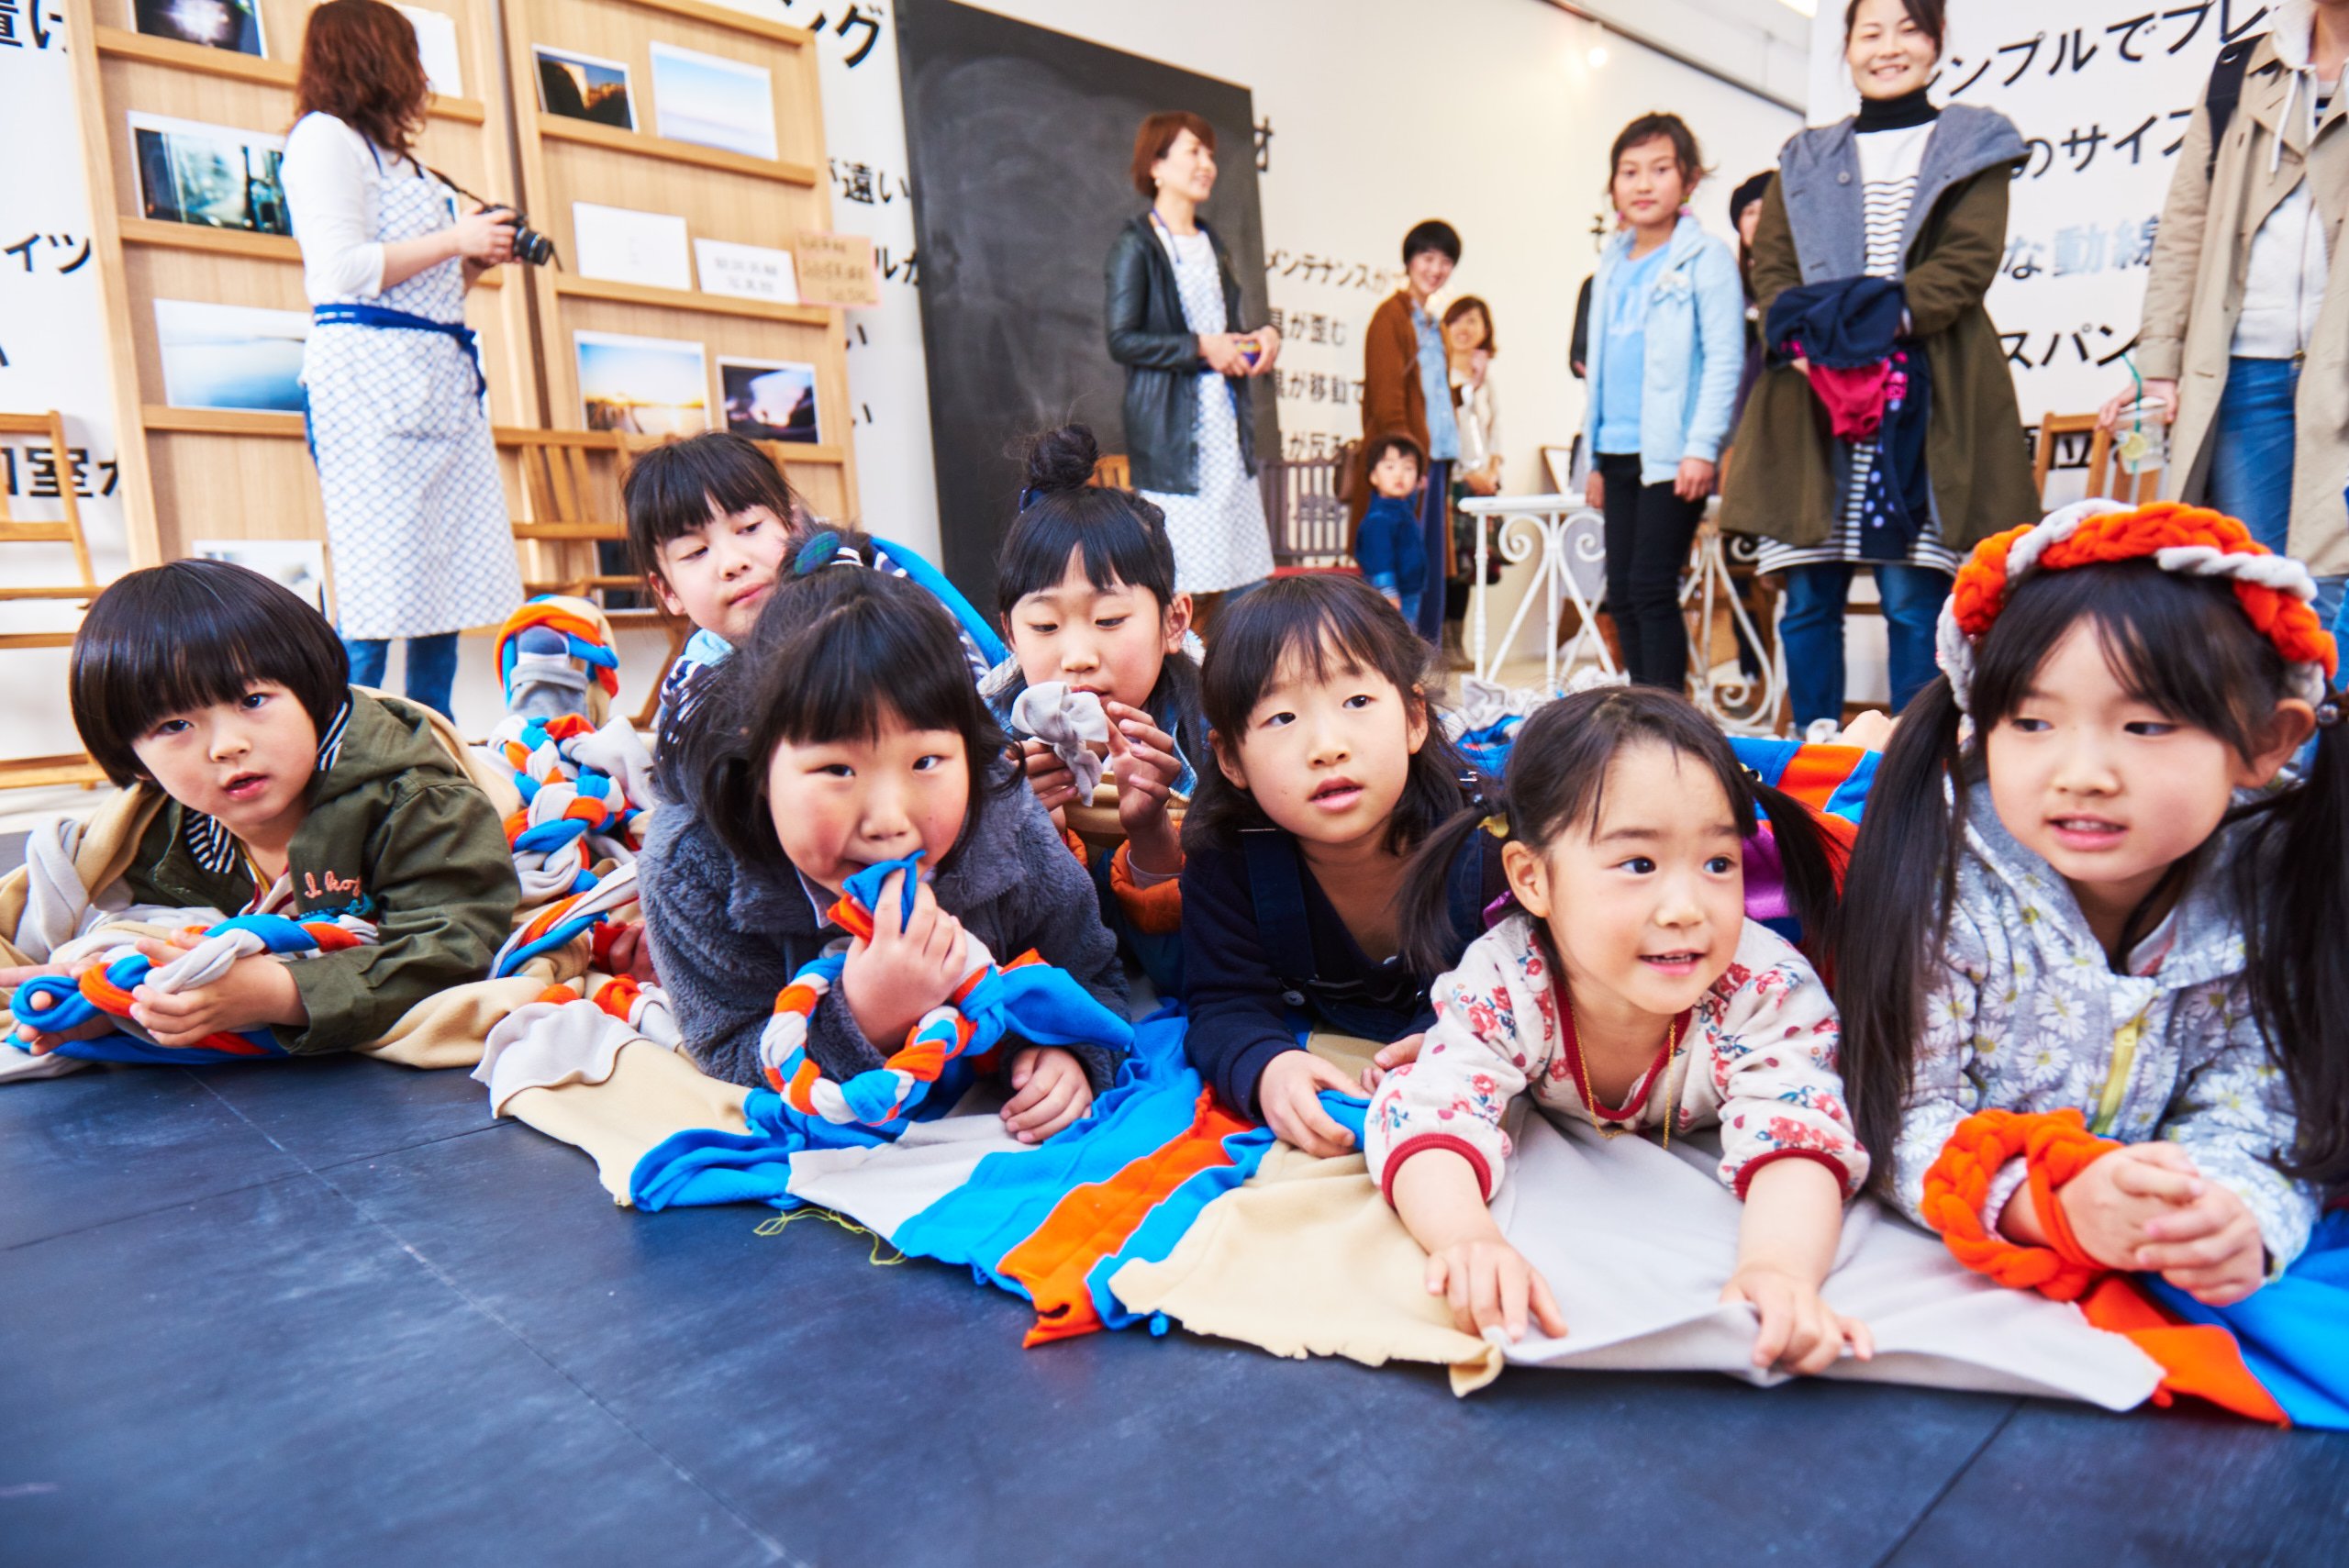 今年の春に開催した、SWITCH×mamanohibiのイベントの様子